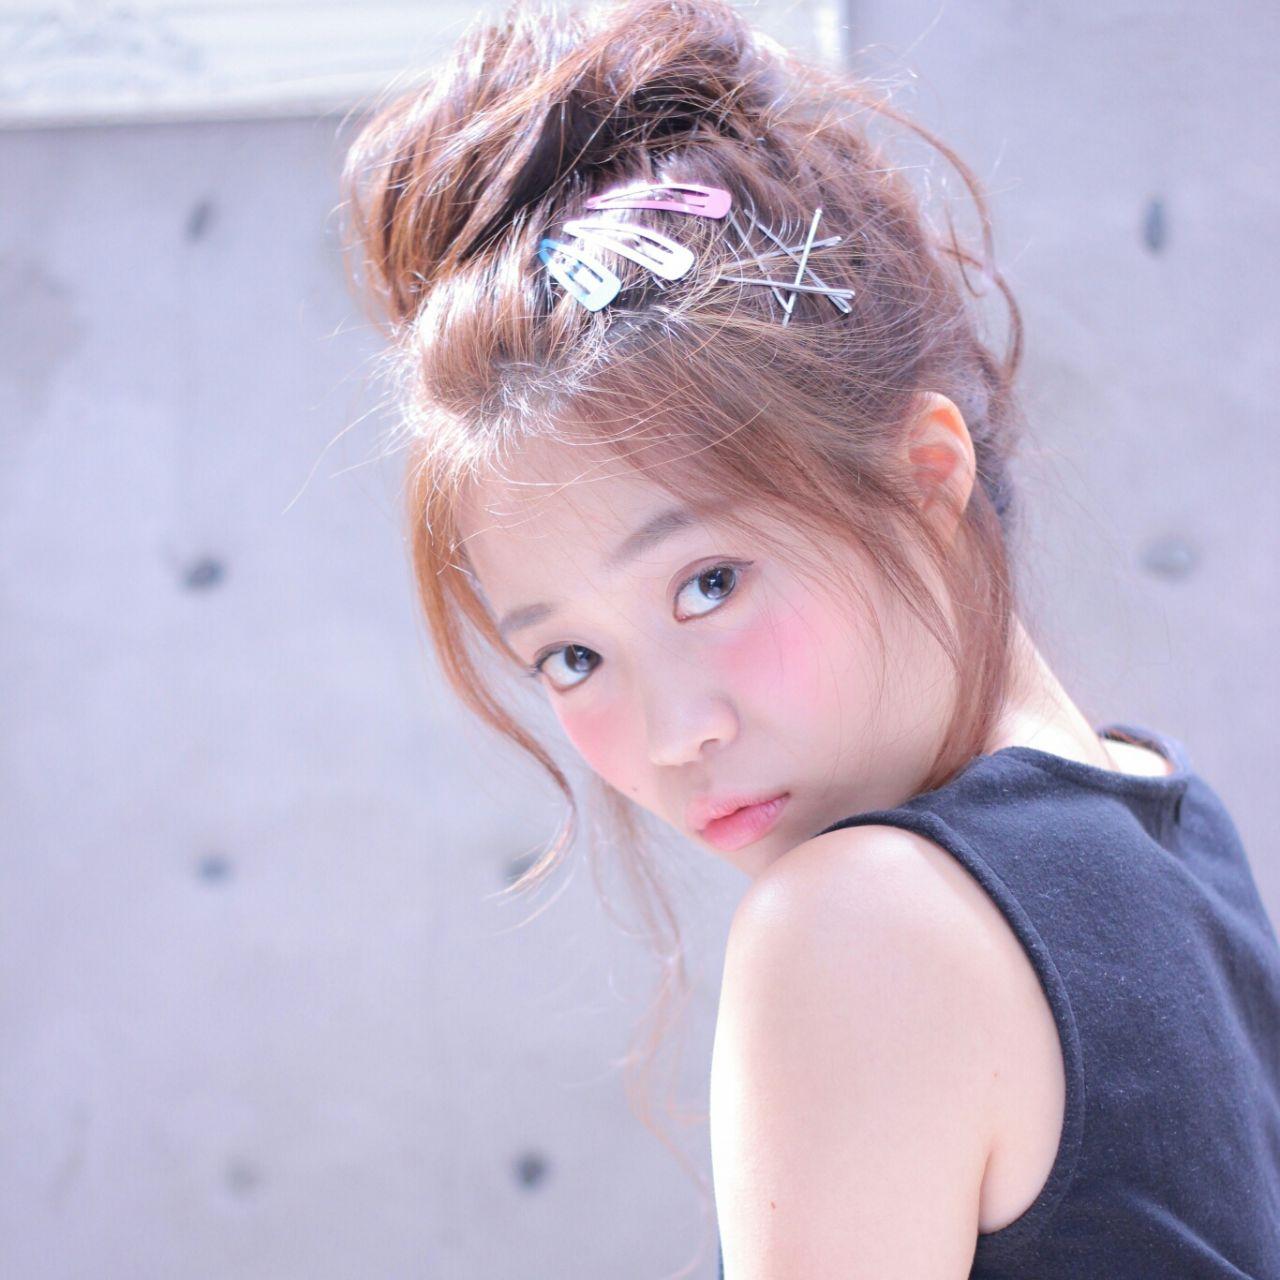 ヘアアレンジ 透明感 お団子 セミロング ヘアスタイルや髪型の写真・画像 | Wataru Maeda / cache cache